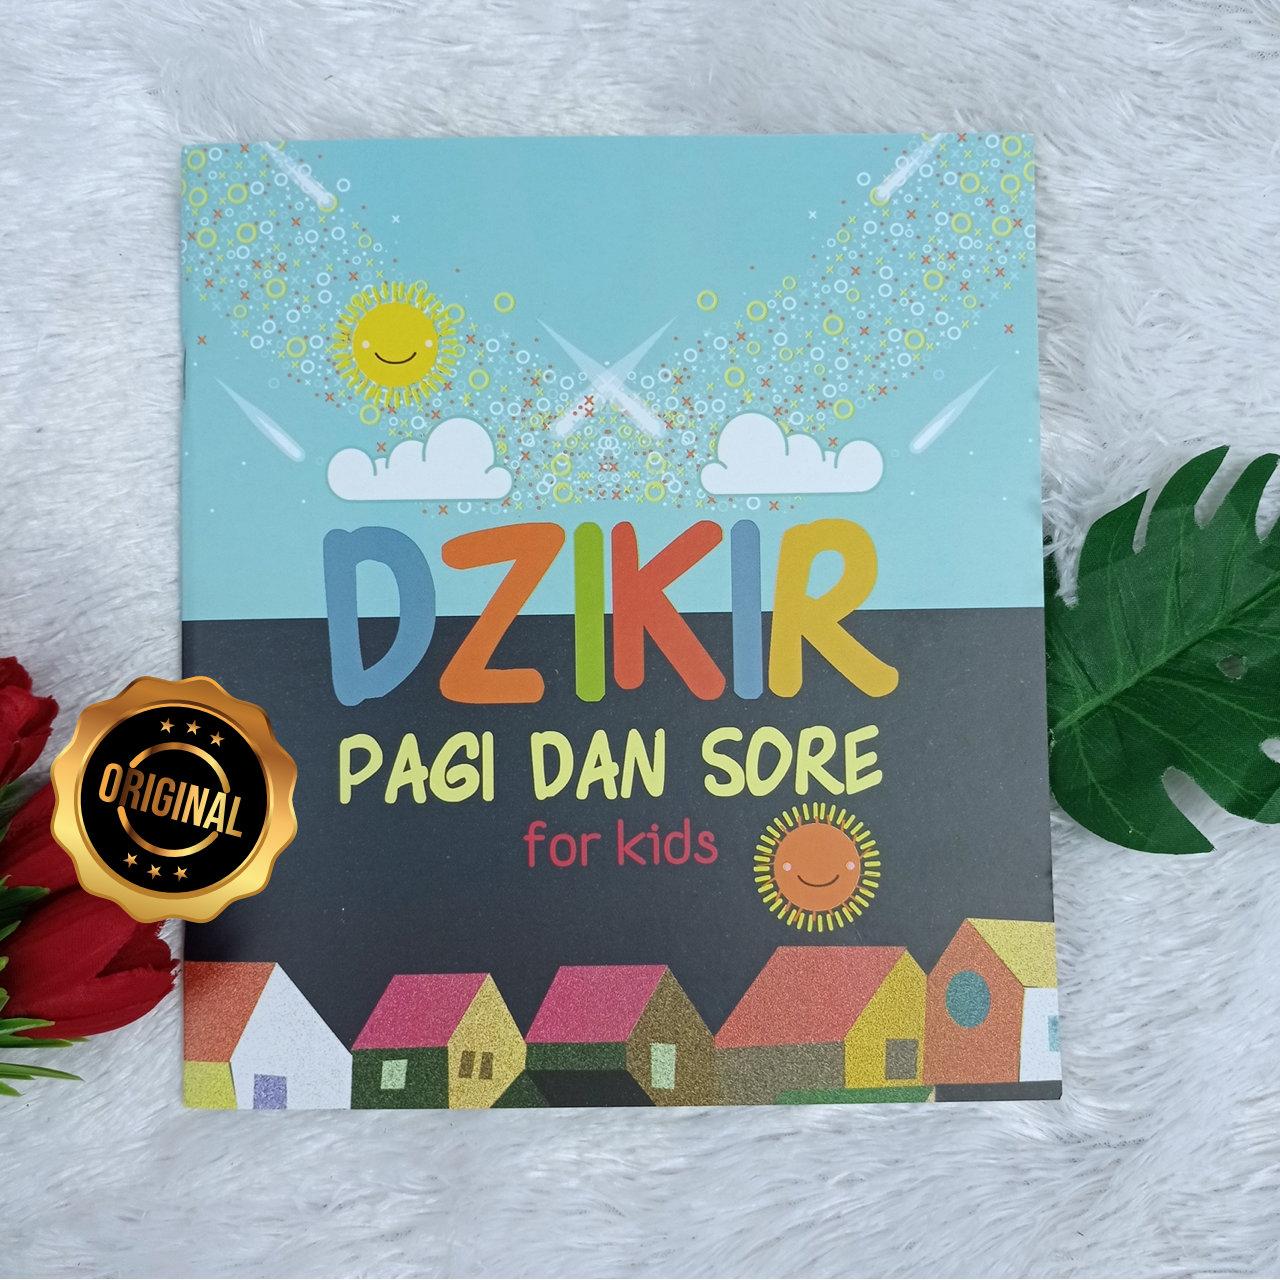 Buku Anak Dzikir Pagi Dan Sore For Kids